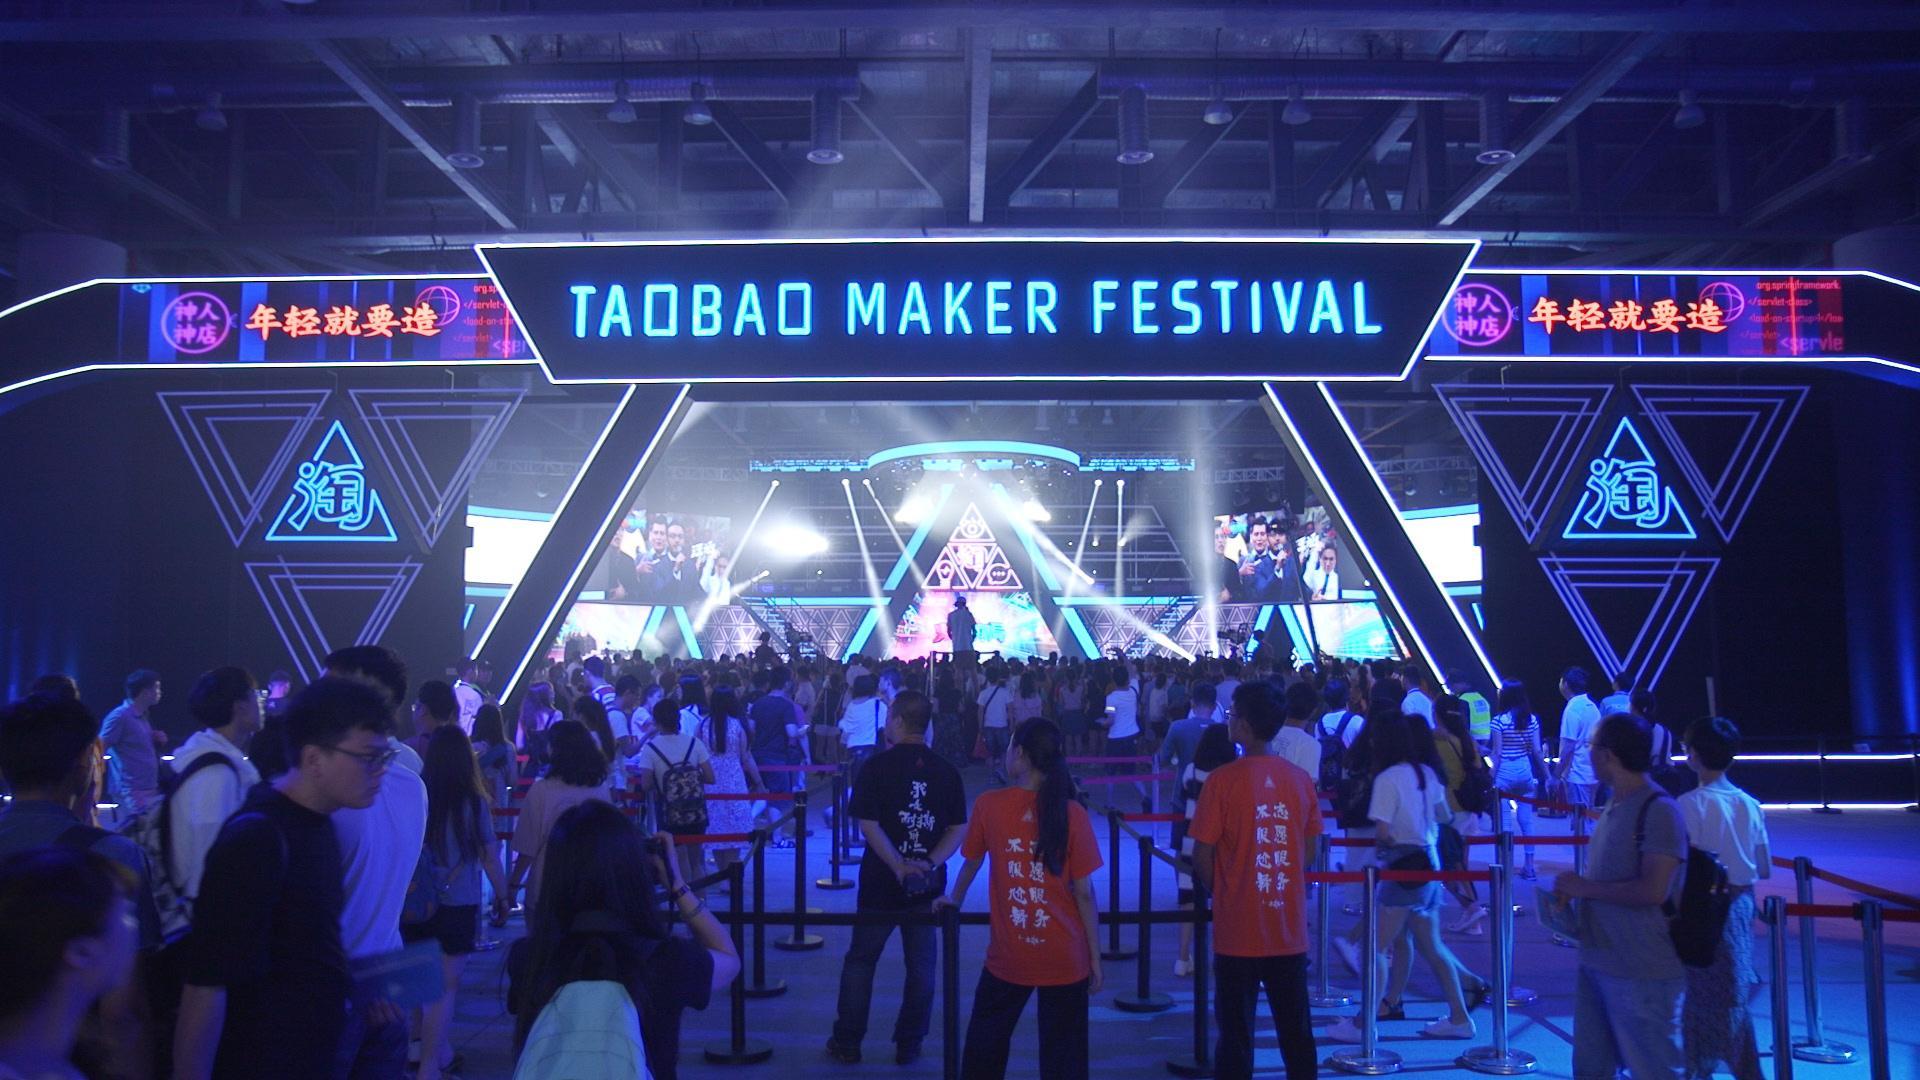 Taobao Maker Festival là sự kiện dành cho các nhà bán hàng lớn nhỏ trên sàn thương mại điện tử Taobao tổ chức ở Thượng Hải với khuôn viên sự kiện rộng đến 30.000 m2.